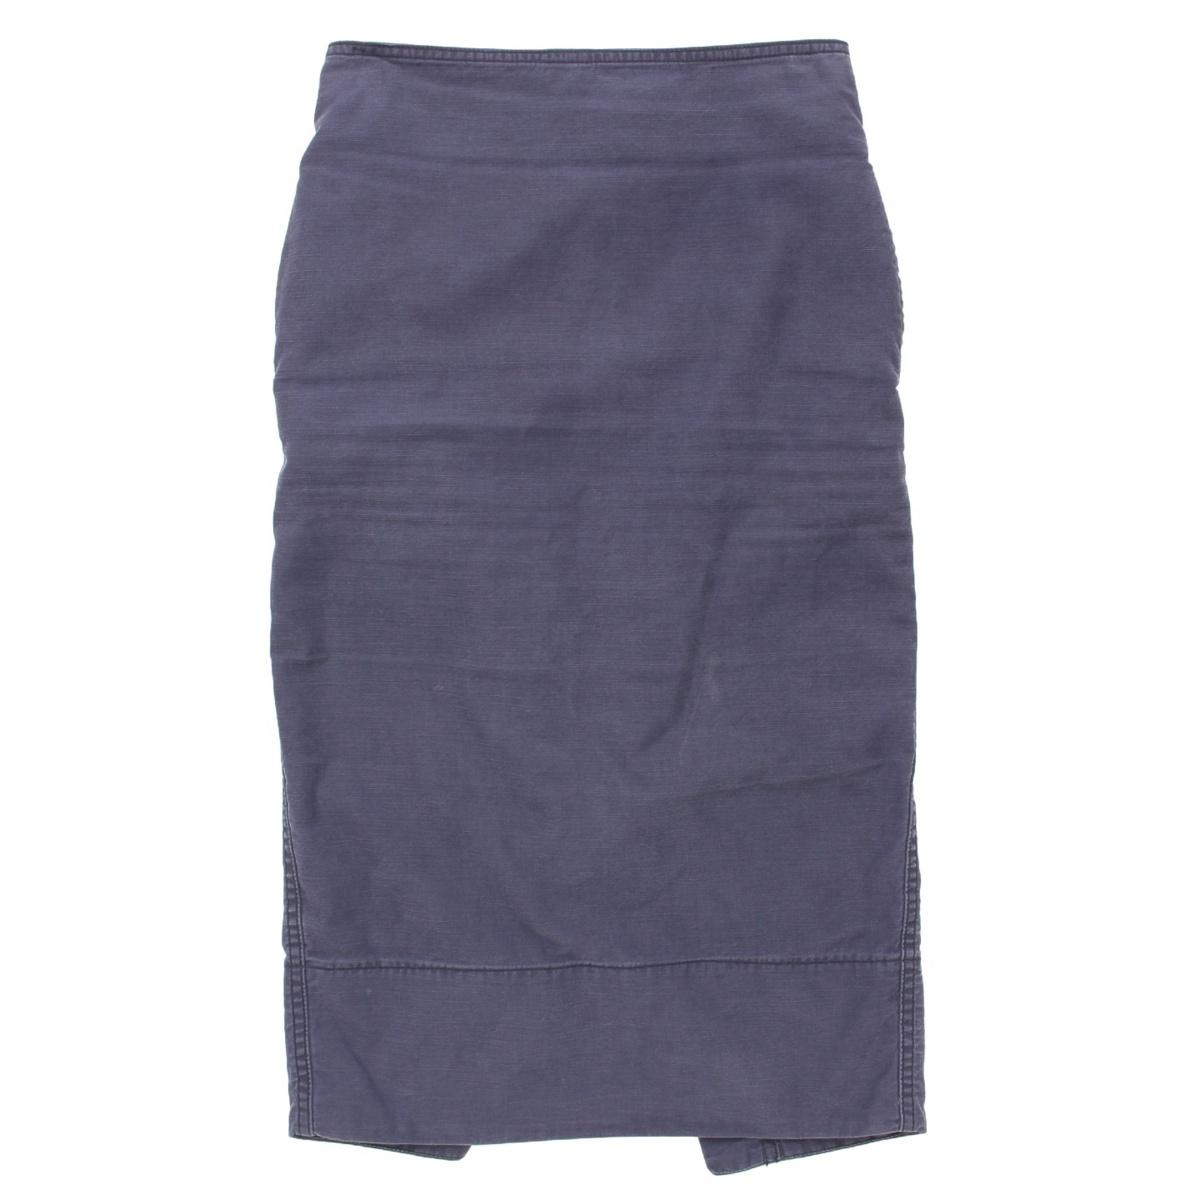 【ソノタ】 MADISON BLUE マディソンブルー バックサテン タイトスカート ネイビー 1 S 【中古】【鑑定済・正規品保証】68862